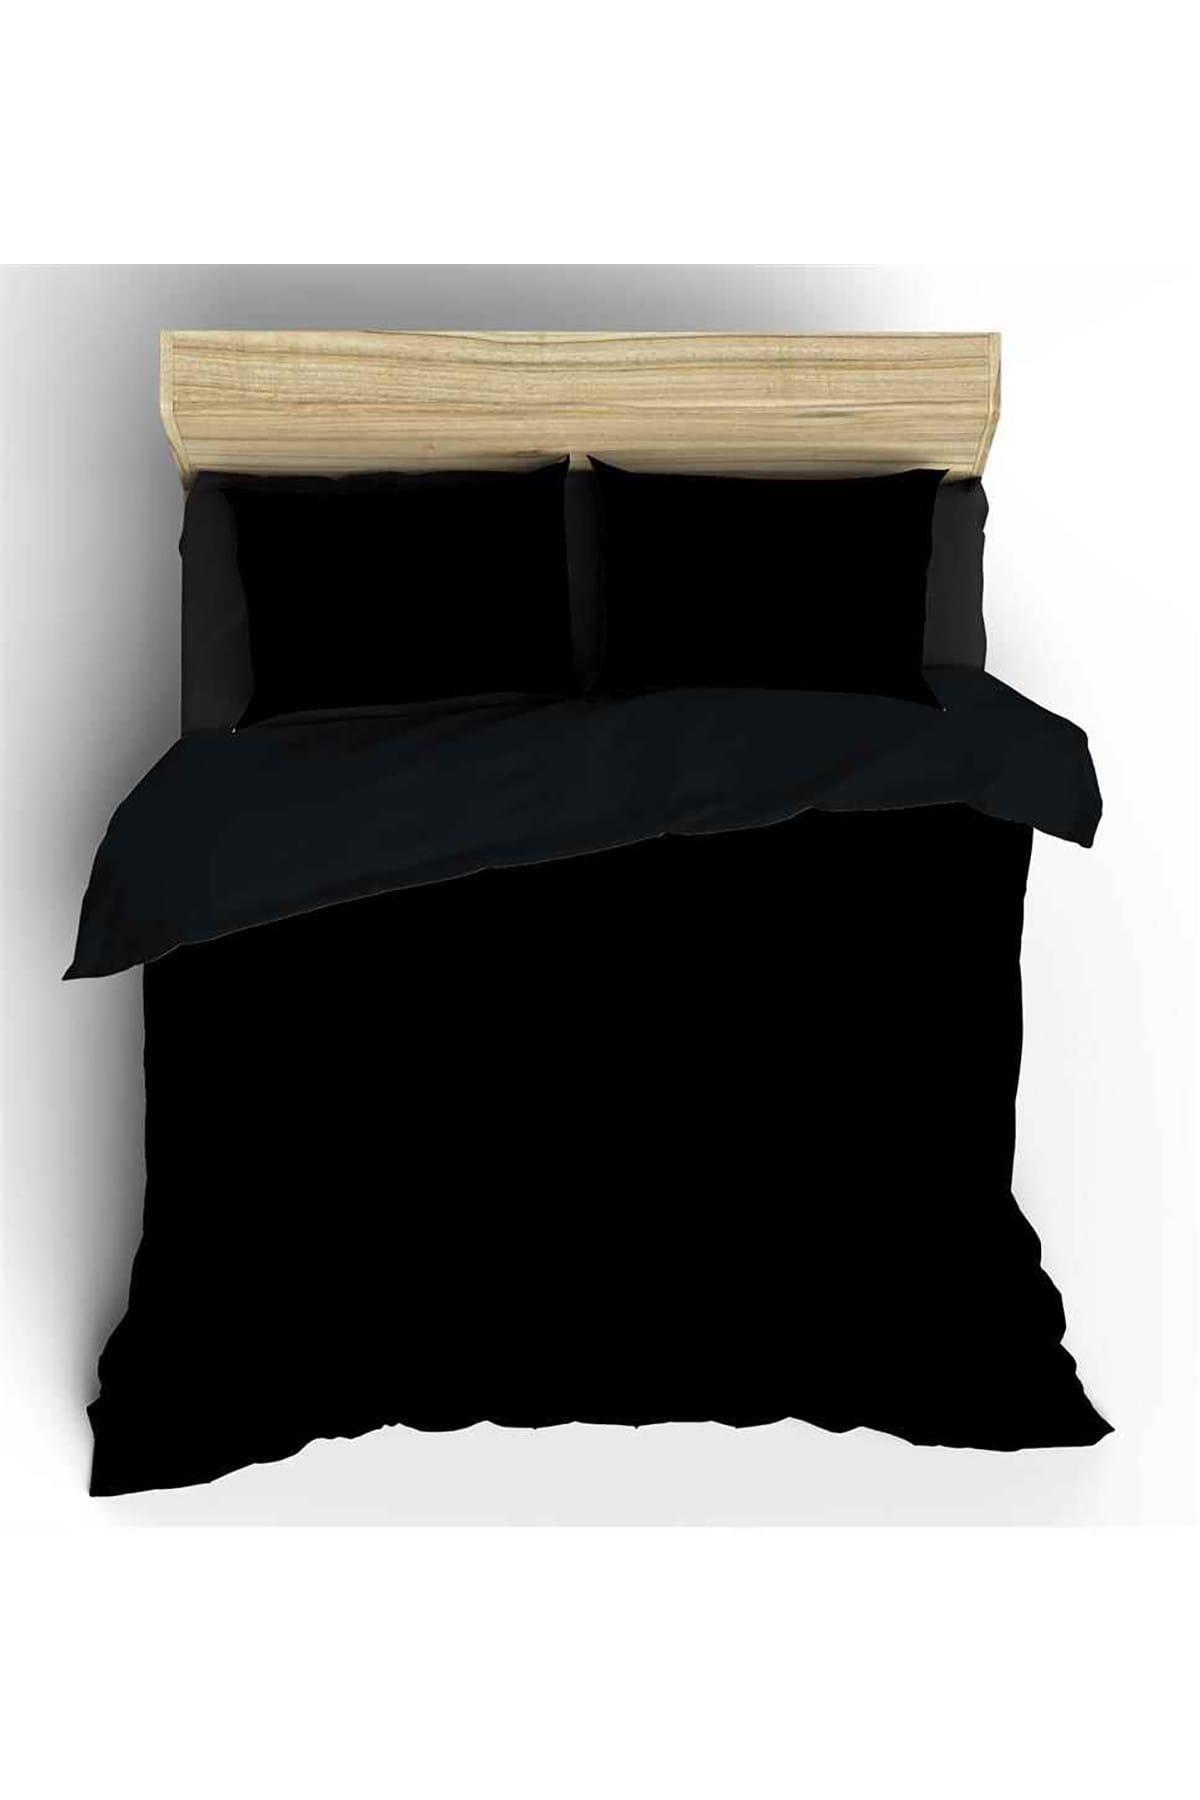 Maki Siyah Maki Pamuk Çift Kişilik Nevresim ve Yastık Kılıfı 1